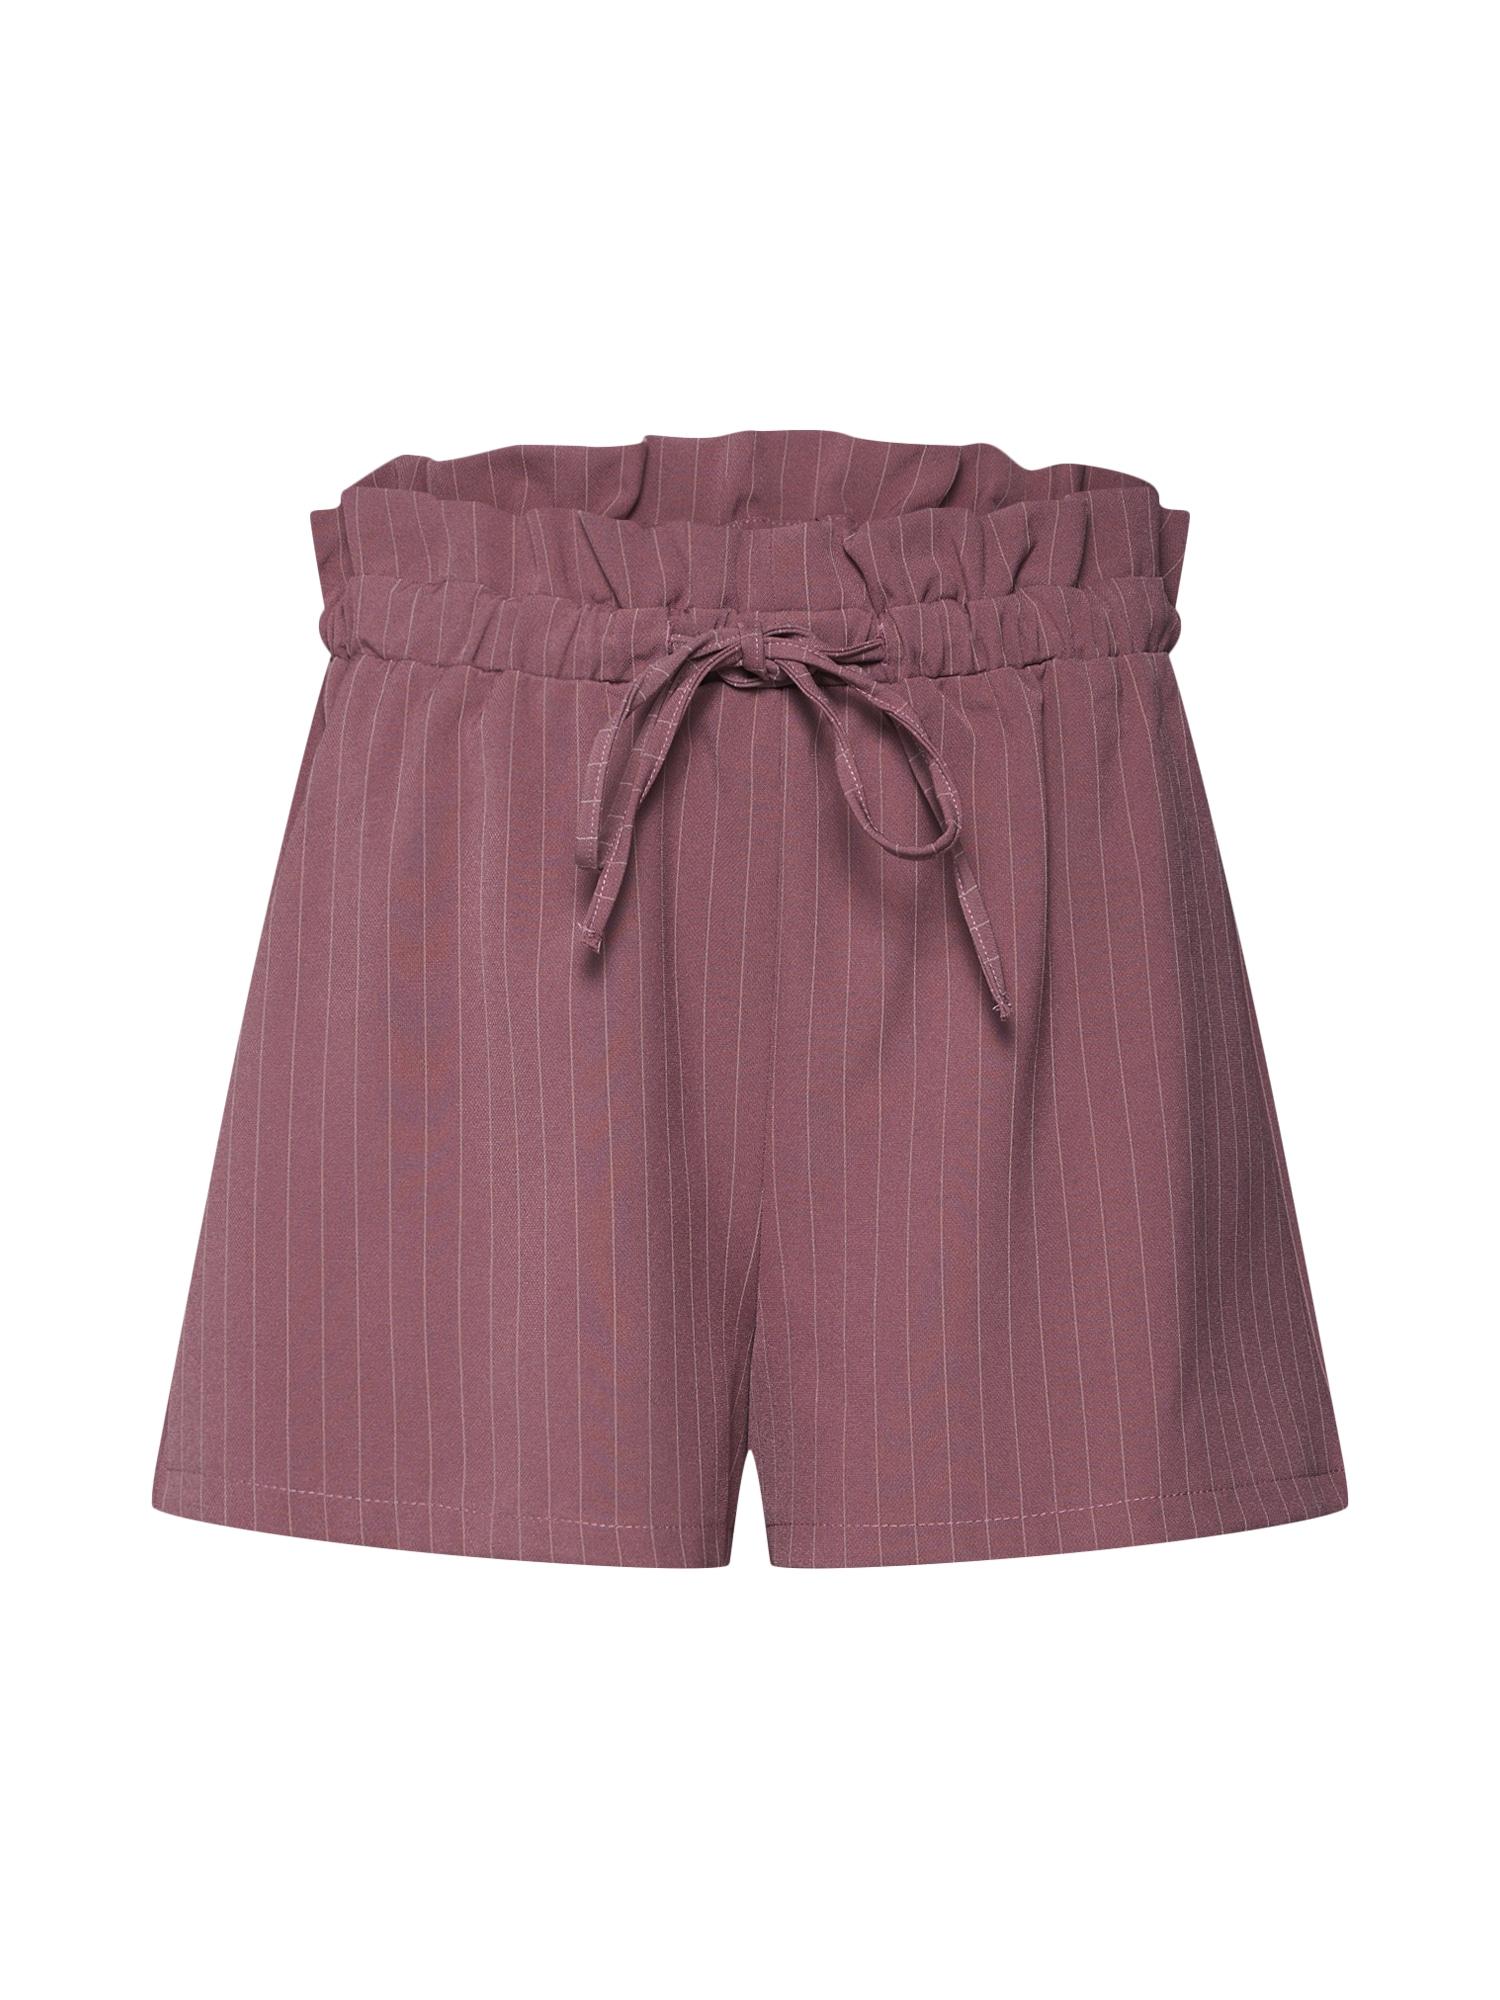 Kalhoty PINSTRIPE GATHERED starorůžová Missguided